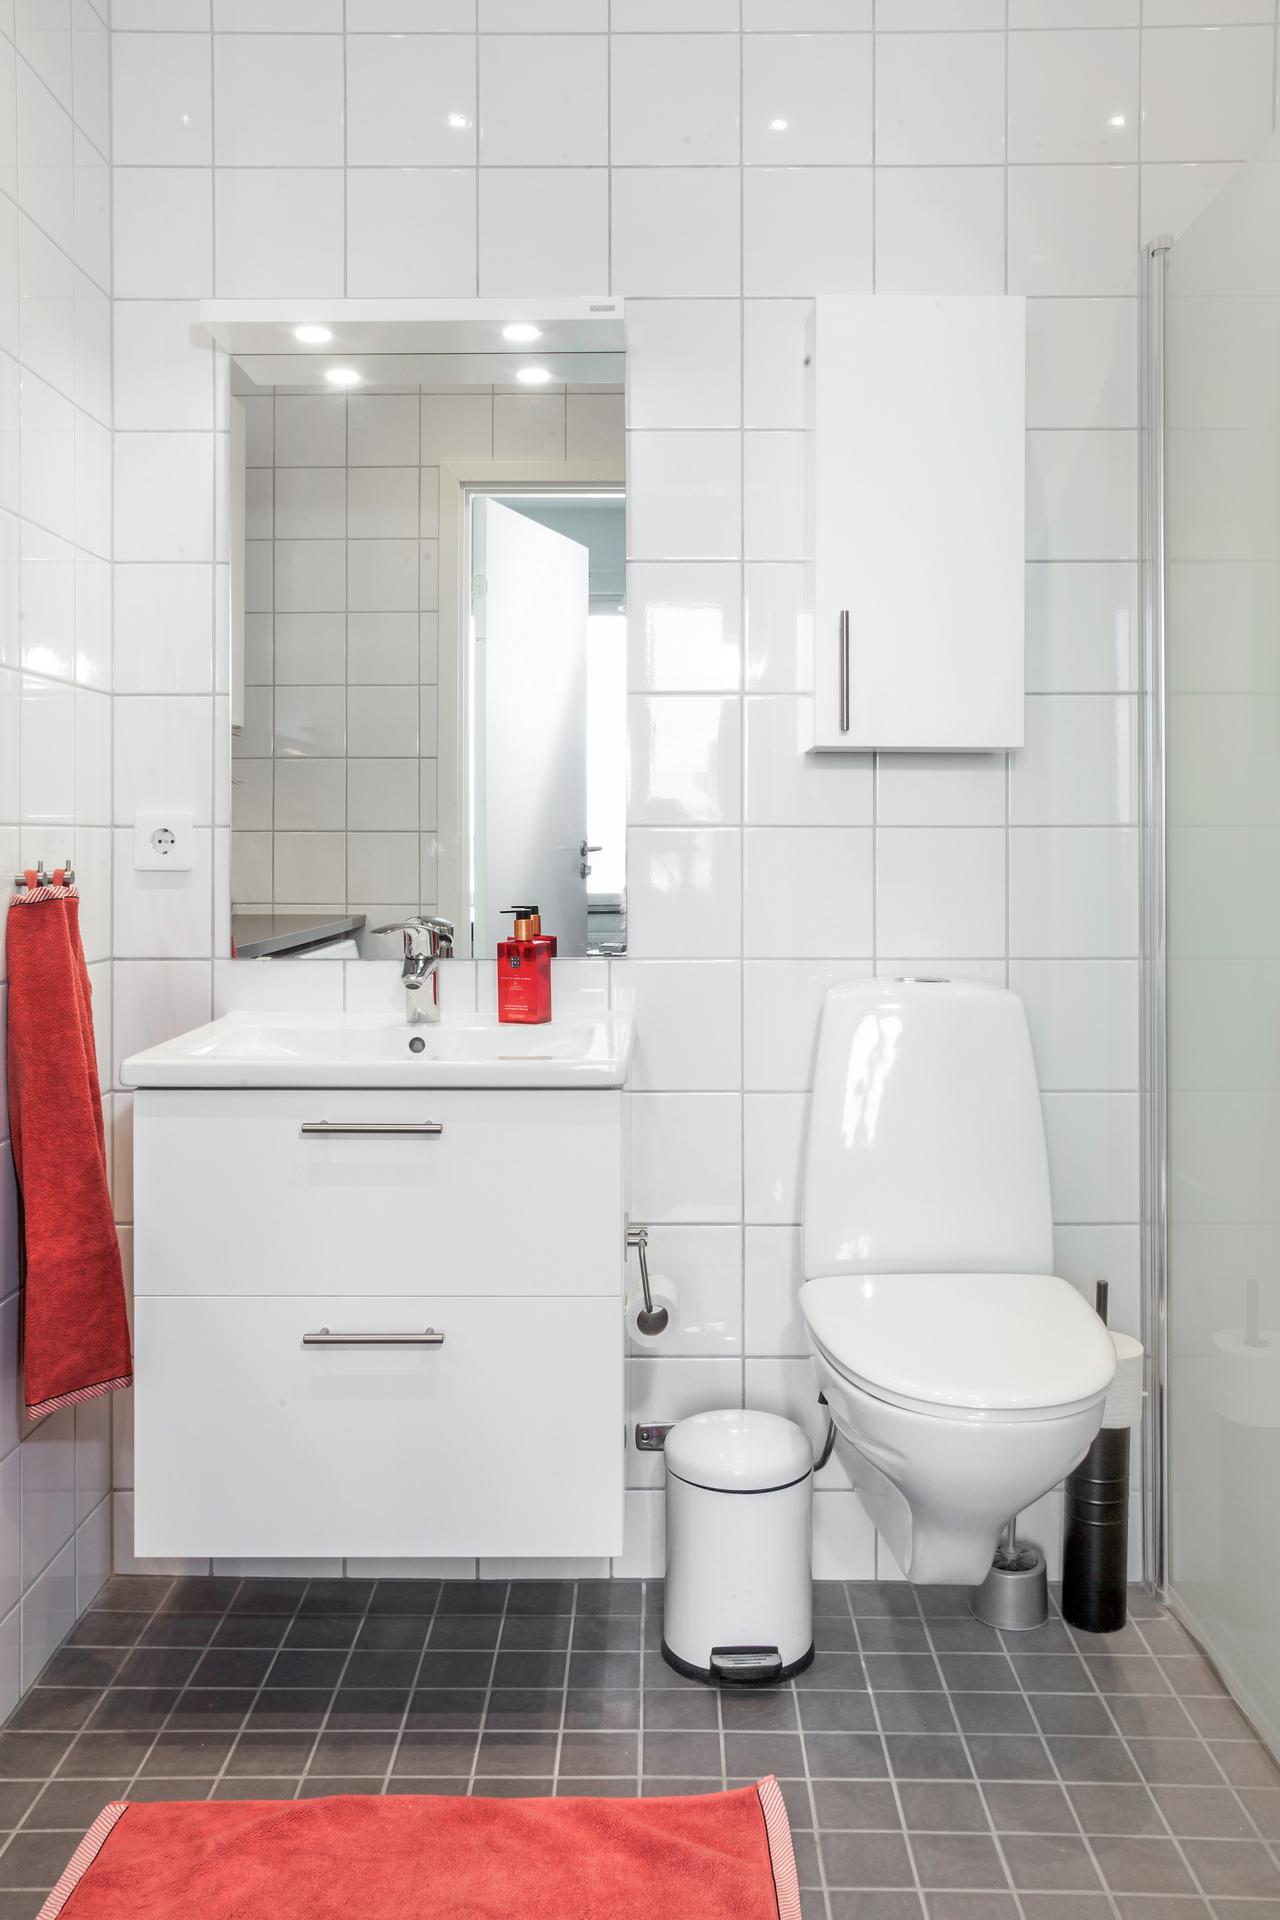 Badrummet, som nås ifrån sovrum 2, är helkaklat i vitt och grått